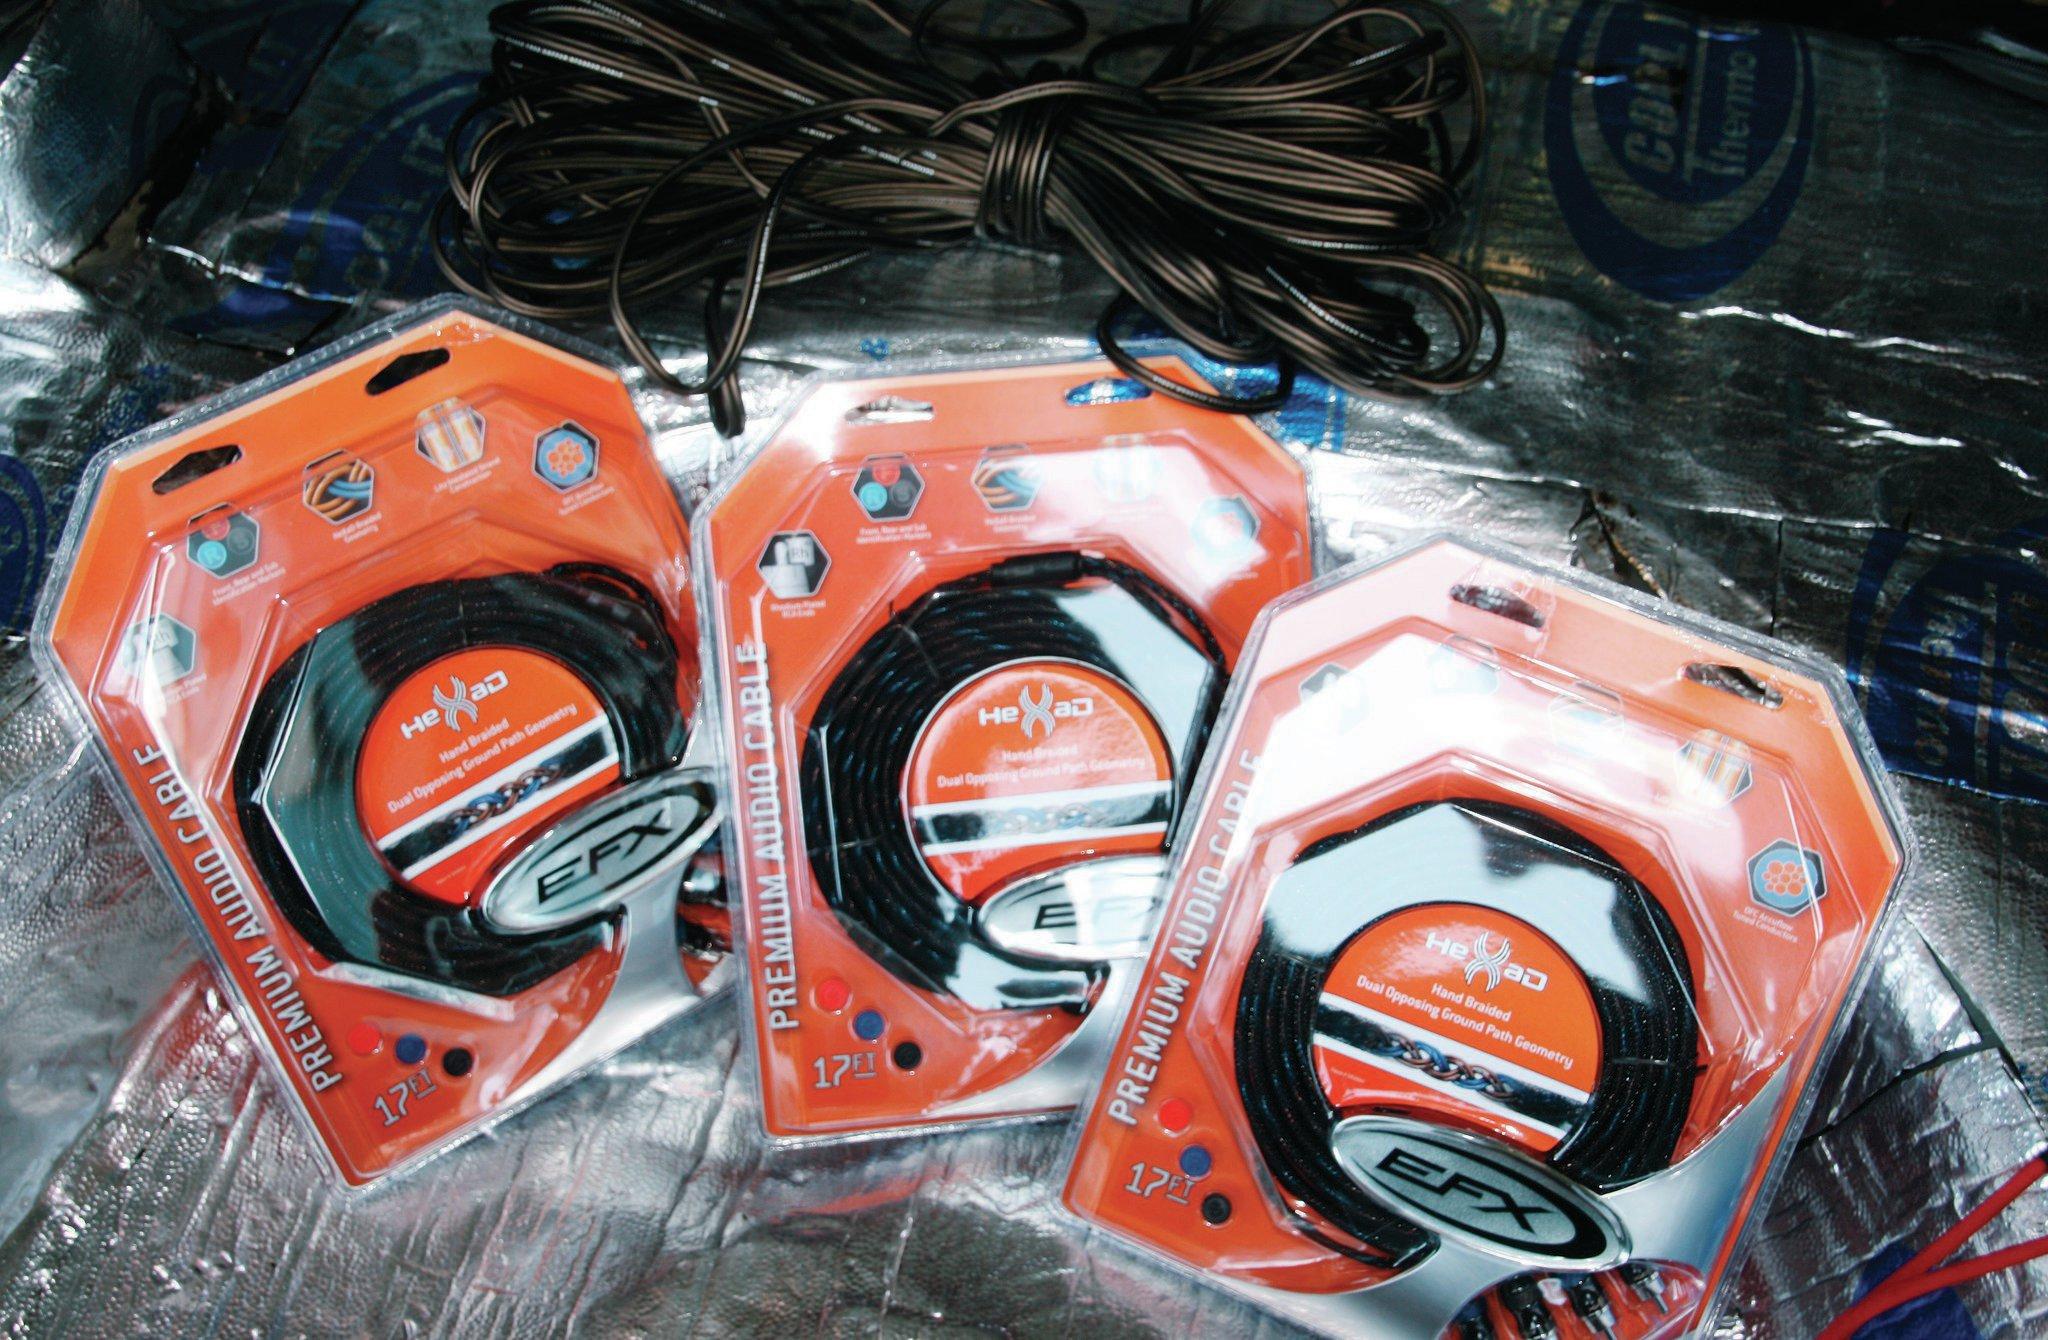 Scosche Efx Hexad Rca Speaker Wire